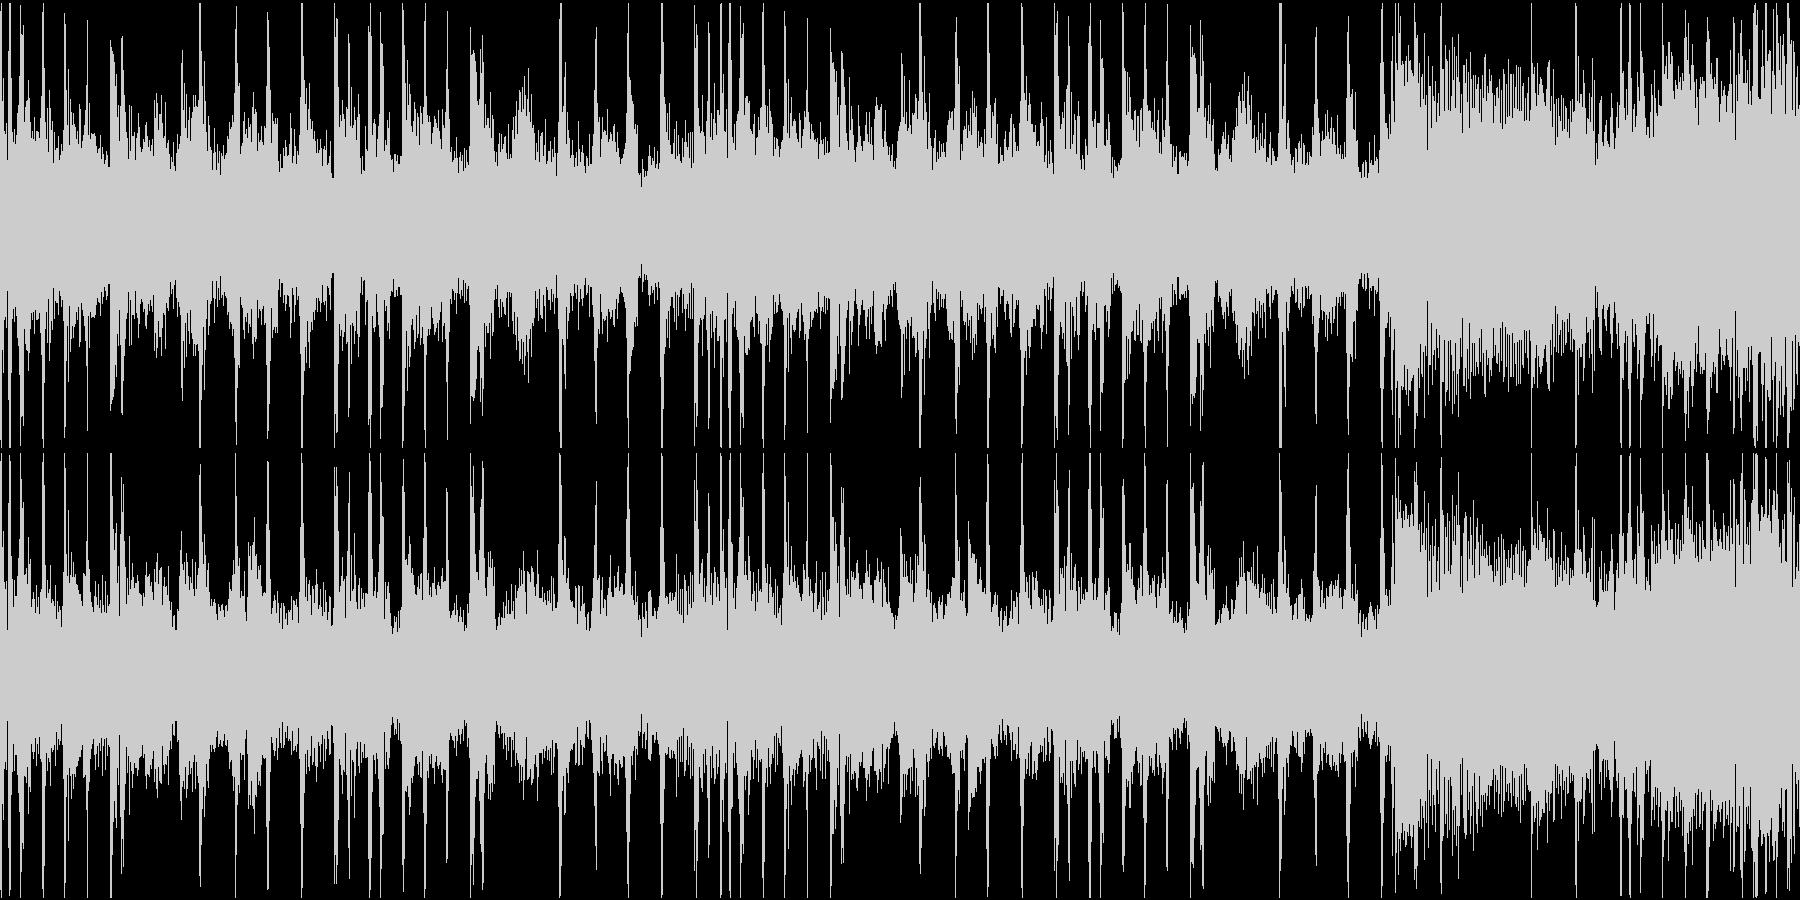 混乱・困惑・不安のブレイクビーツループの未再生の波形